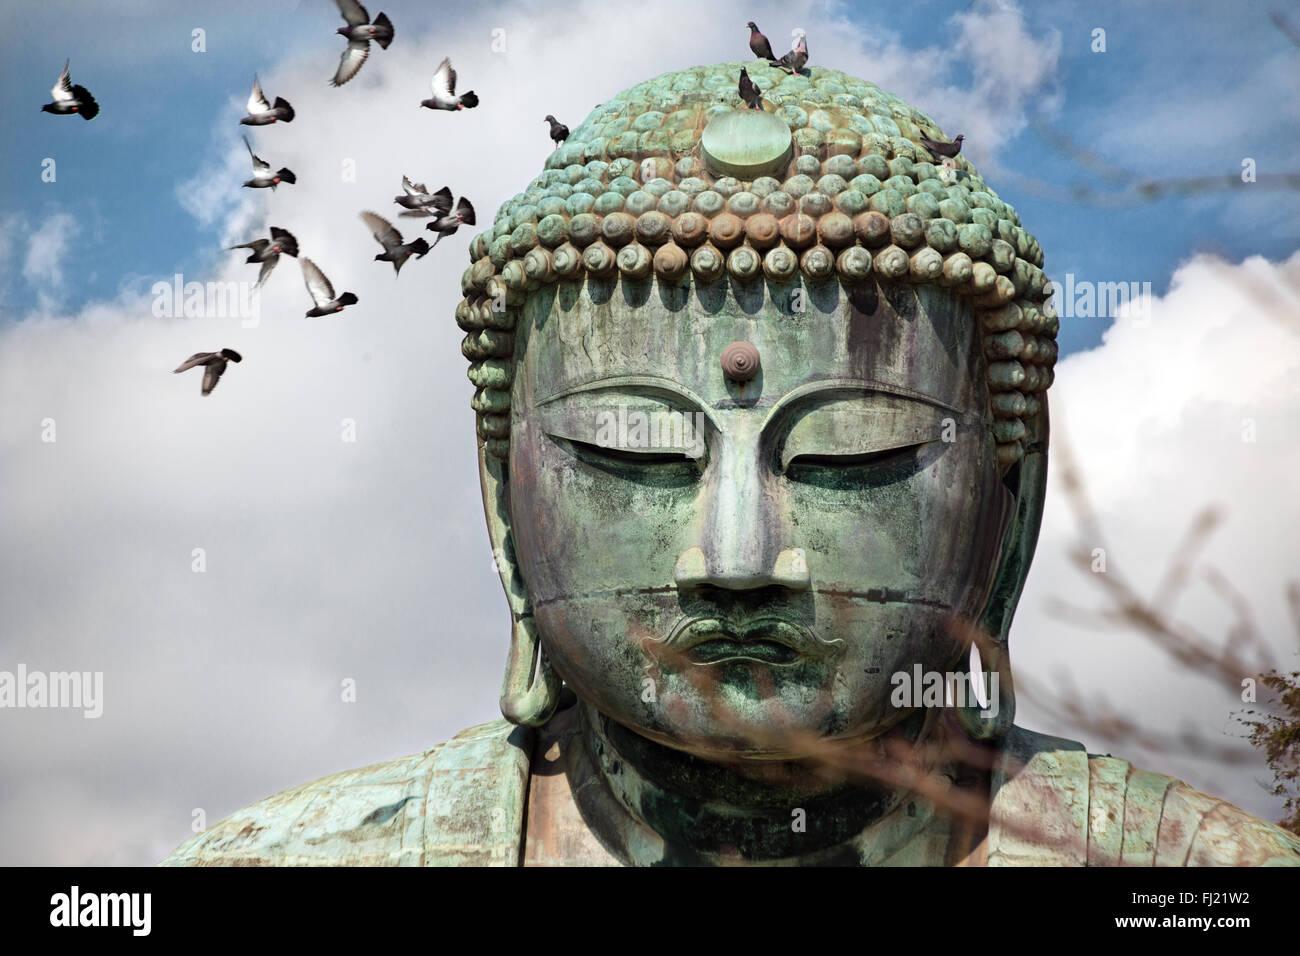 Daibutsu Kōtoku-en el Gran Buda de Kamakura en Japón Imagen De Stock